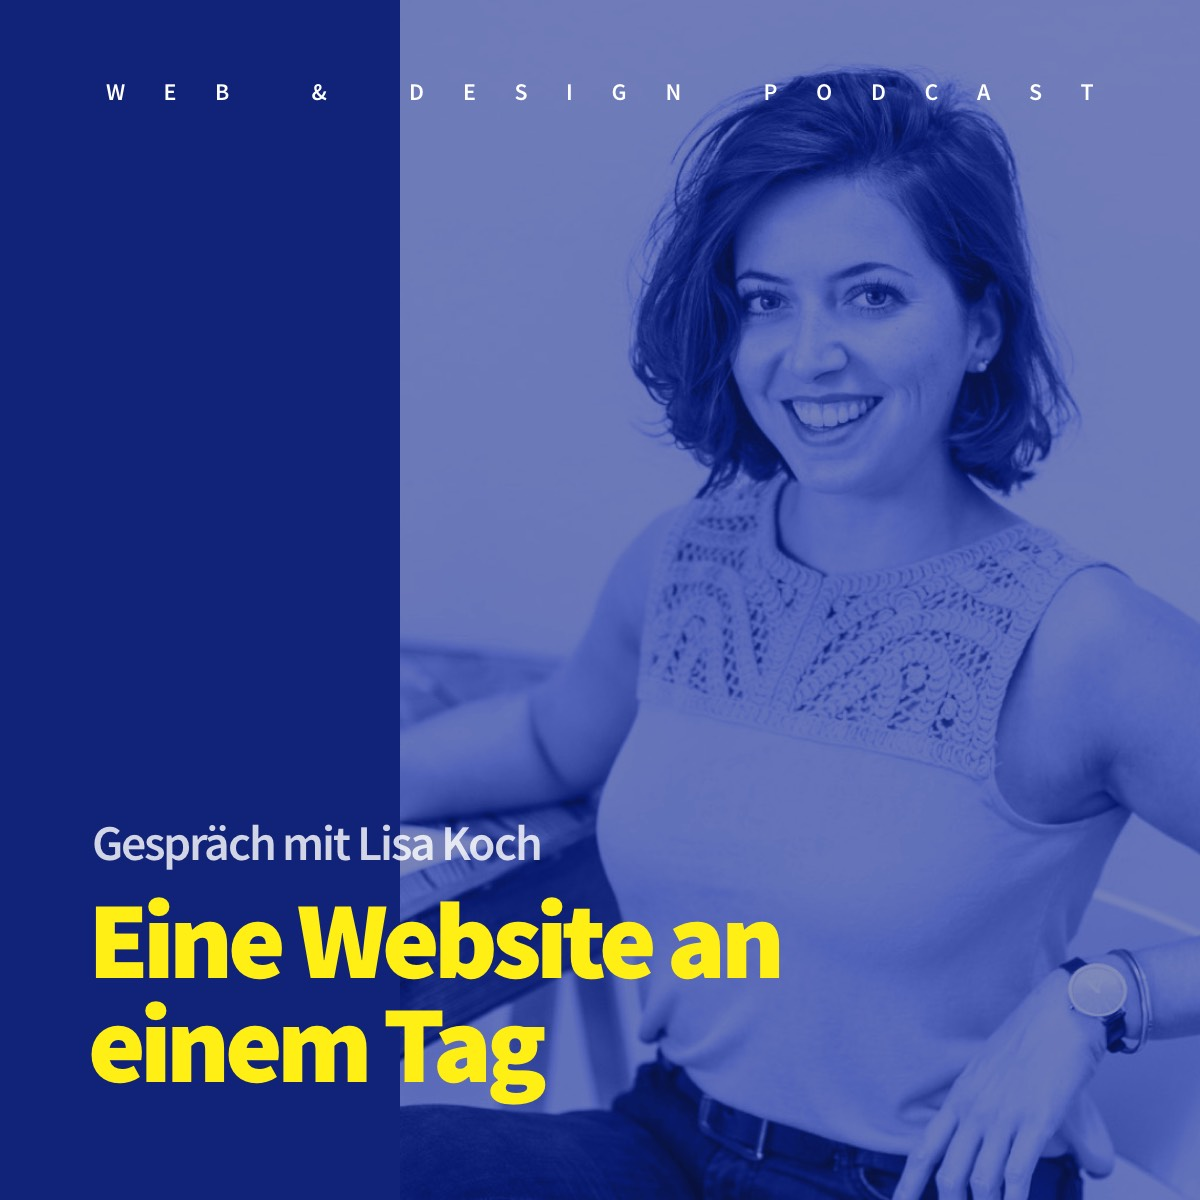 Eine Website an einem Tag – ein gutes Geschäftsmodell? Gespräch mit Lisa Koch